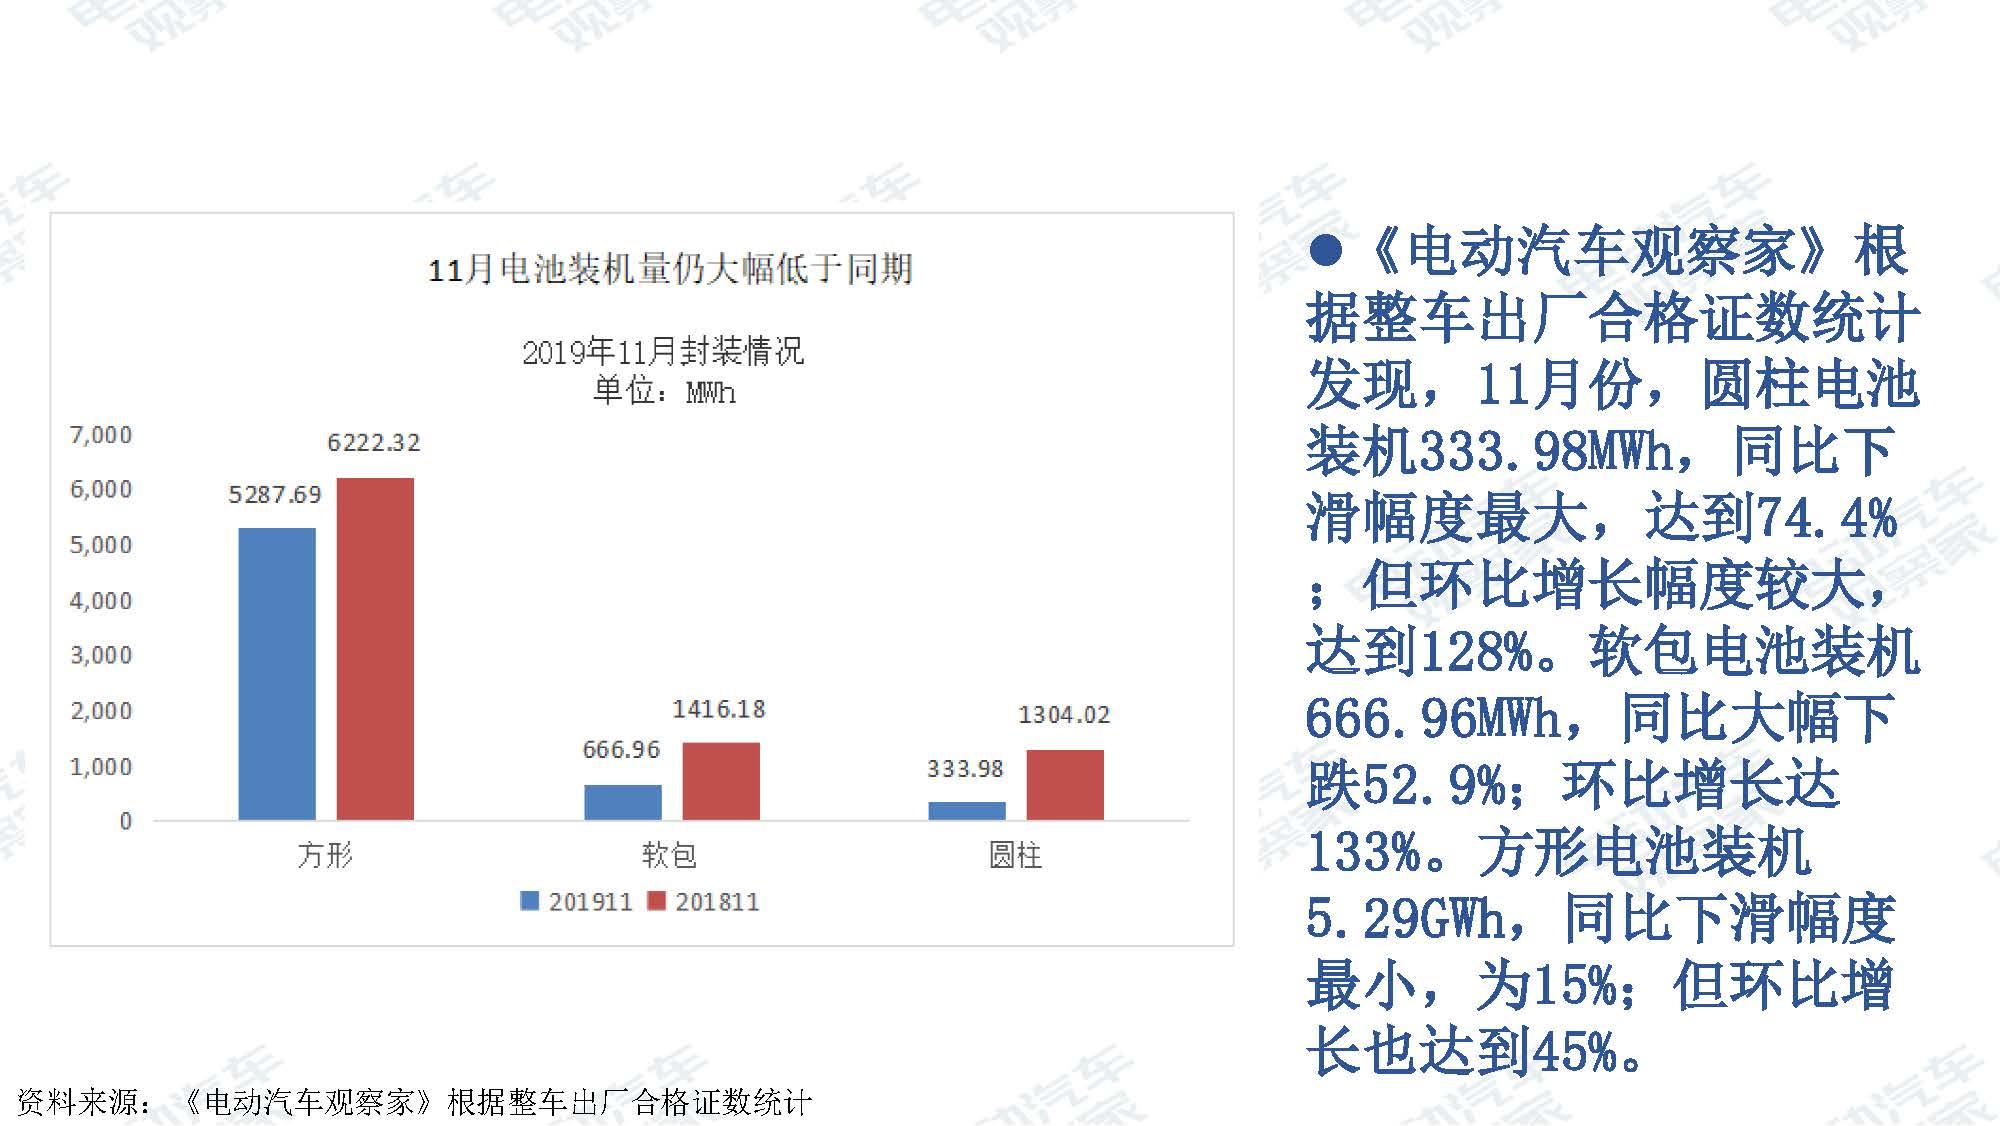 2019年11月中国新能源汽车产业观察_页面_093